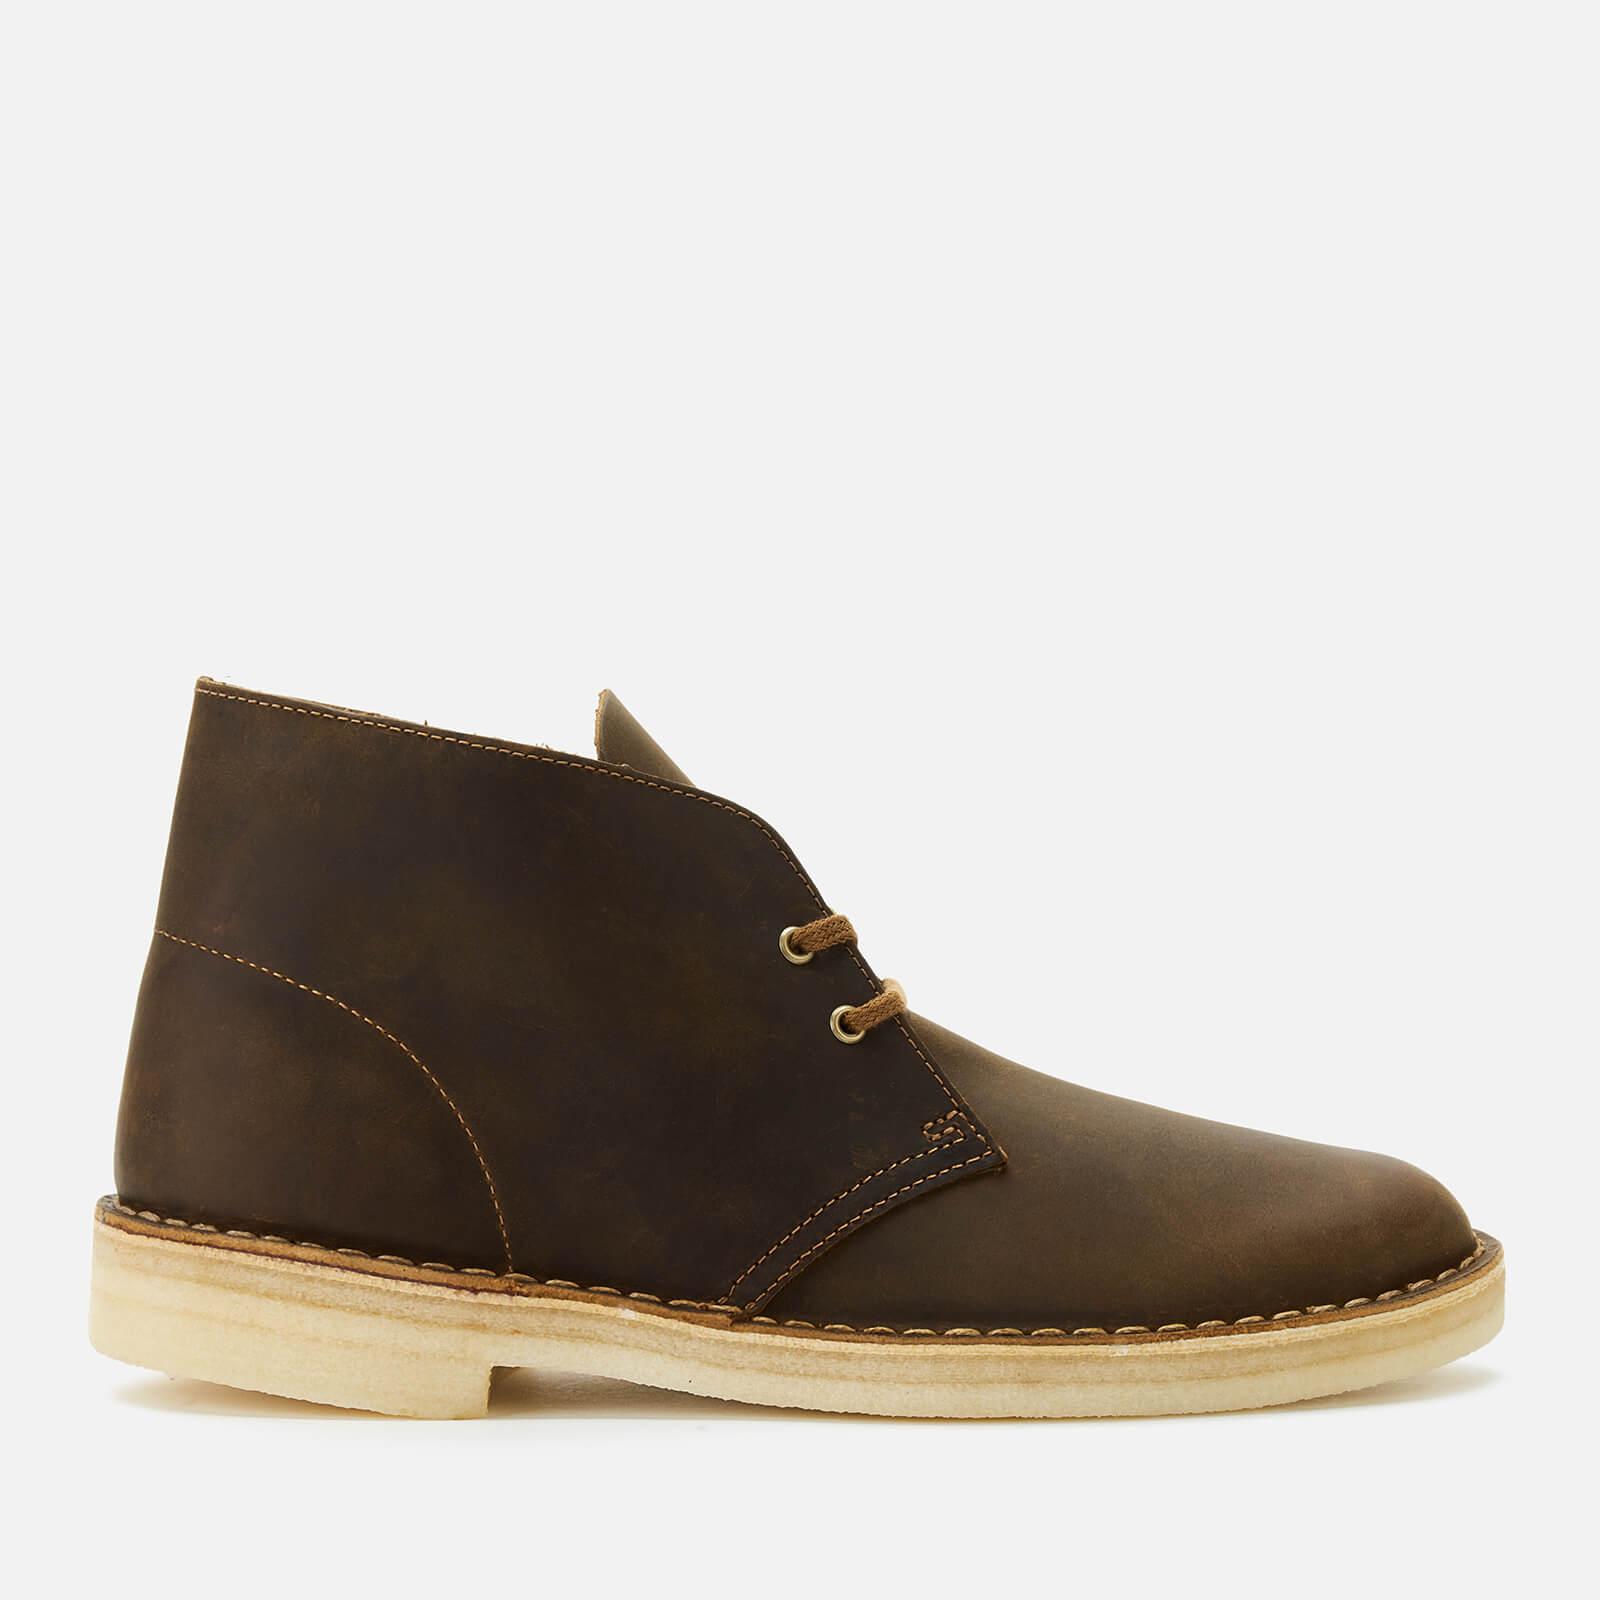 Clarks Originals Men's Leather Desert Boots - Beeswax - UK 7